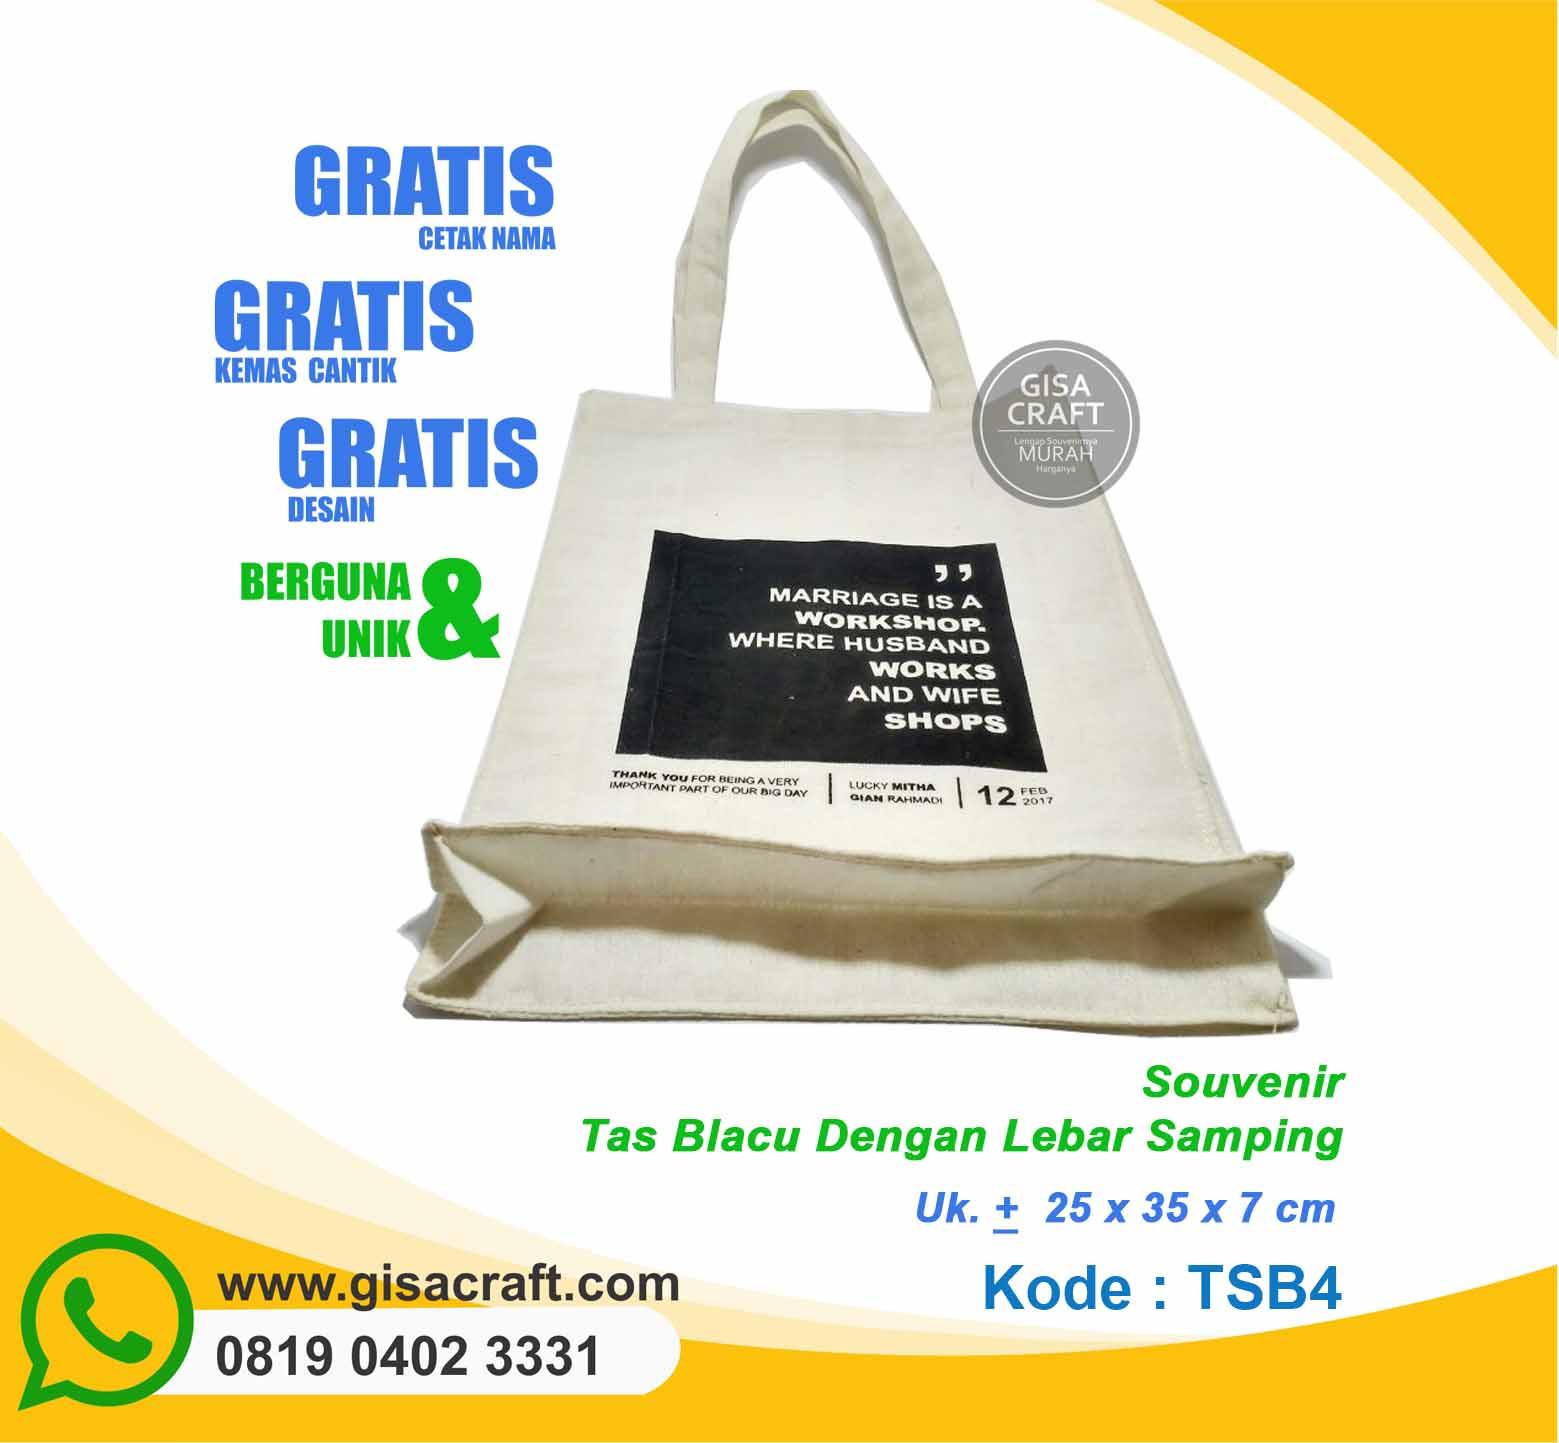 Souvenir Tas Blacu Dengan Lebar Samping TSB4